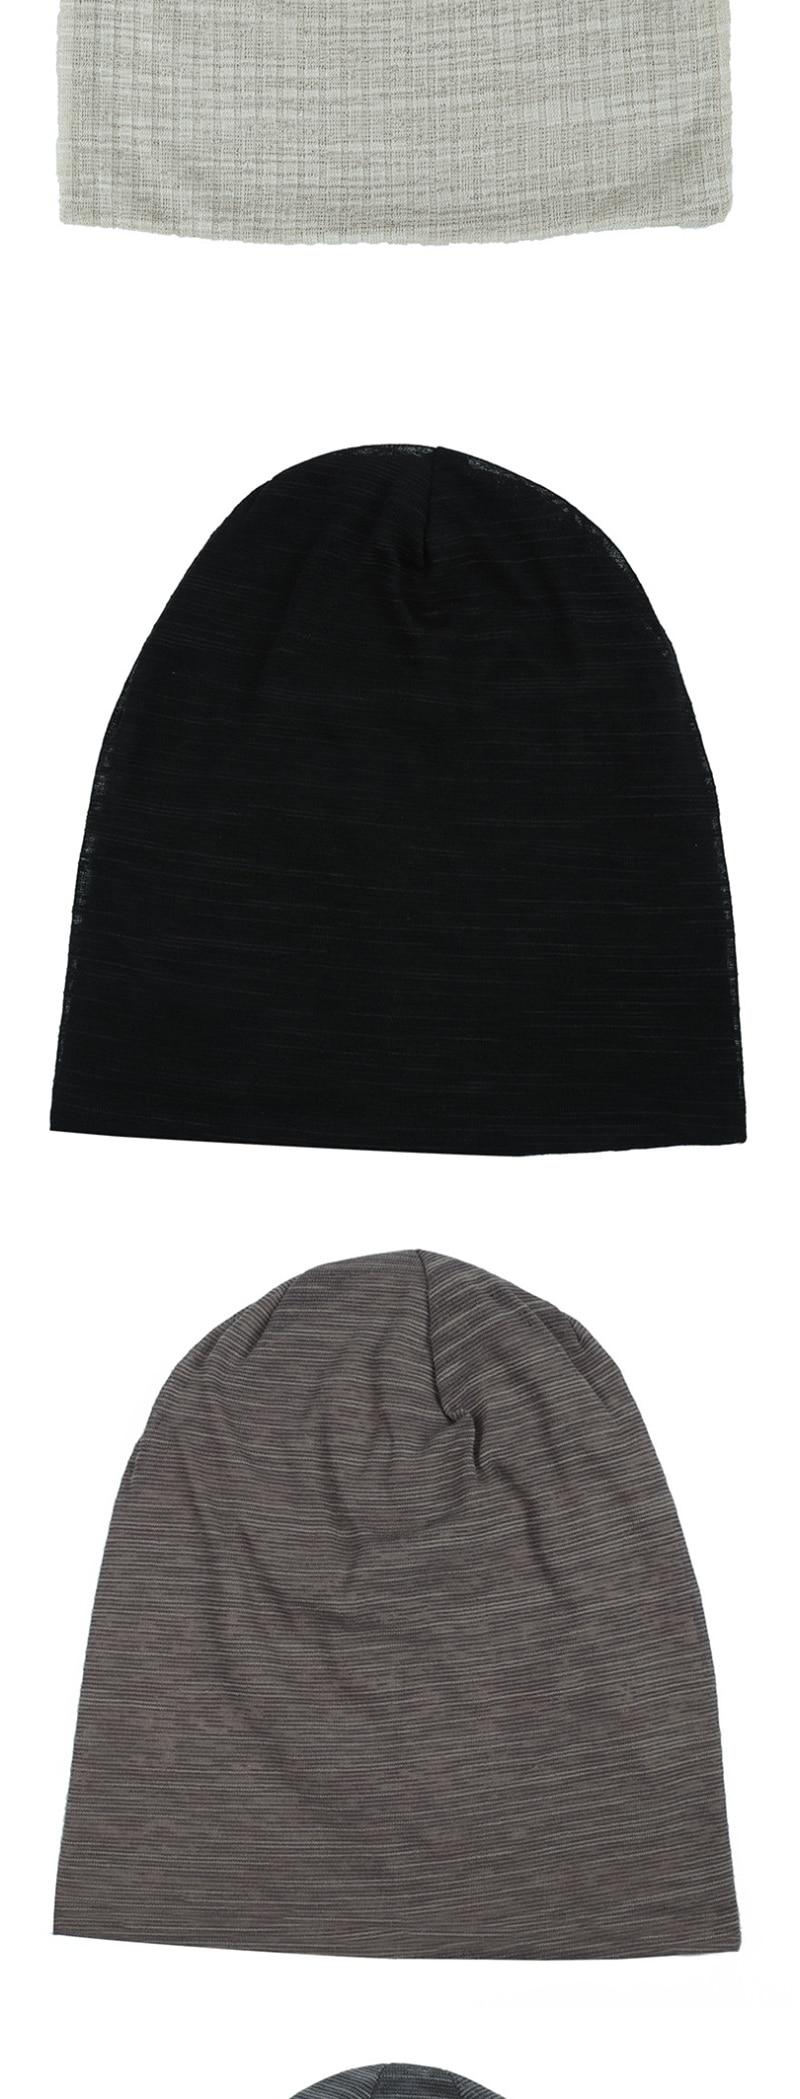 新款针织帽_2019-eilish刺绣针织帽套头嘻哈帽毛线帽18色---阿里巴巴_07